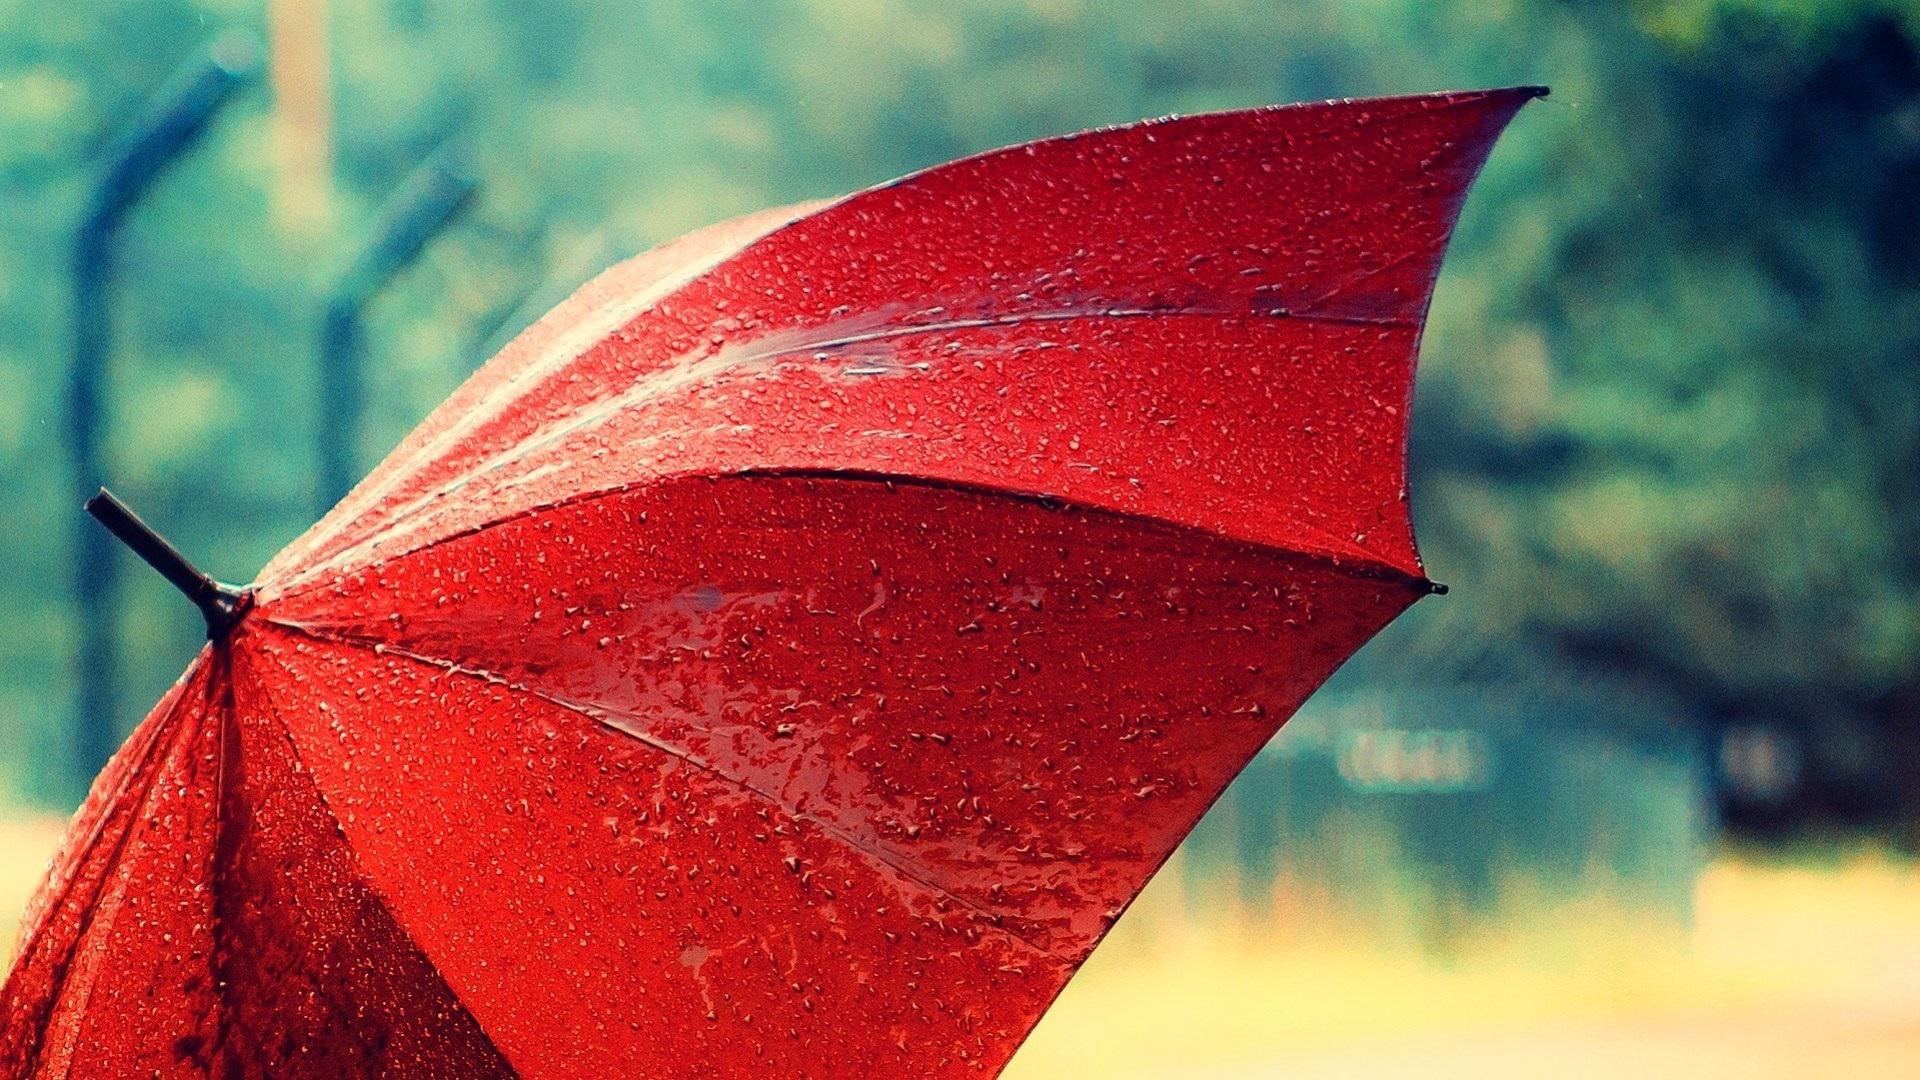 Wallpaper Red Umbrella After Rain Water Drops 1920x1080 Full HD